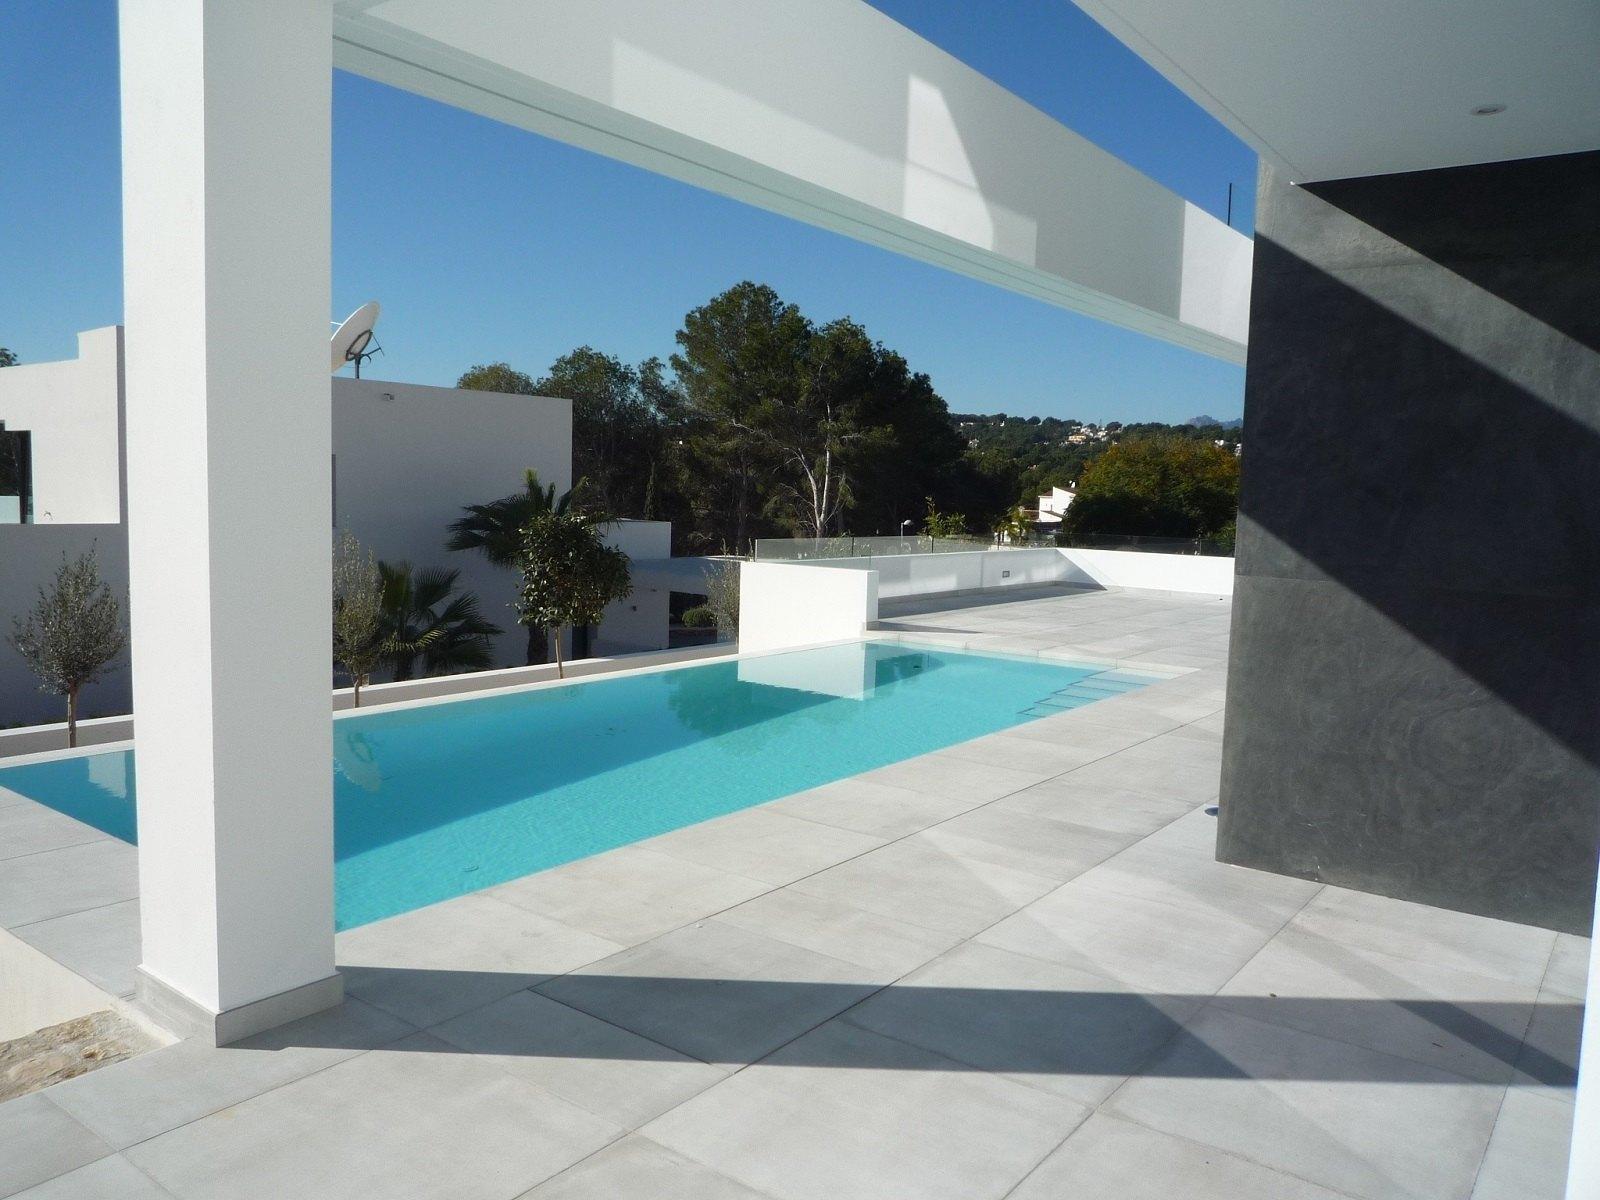 Villa de nueva construcción de estilo moderno en venta en Moraira - Costa Blanca